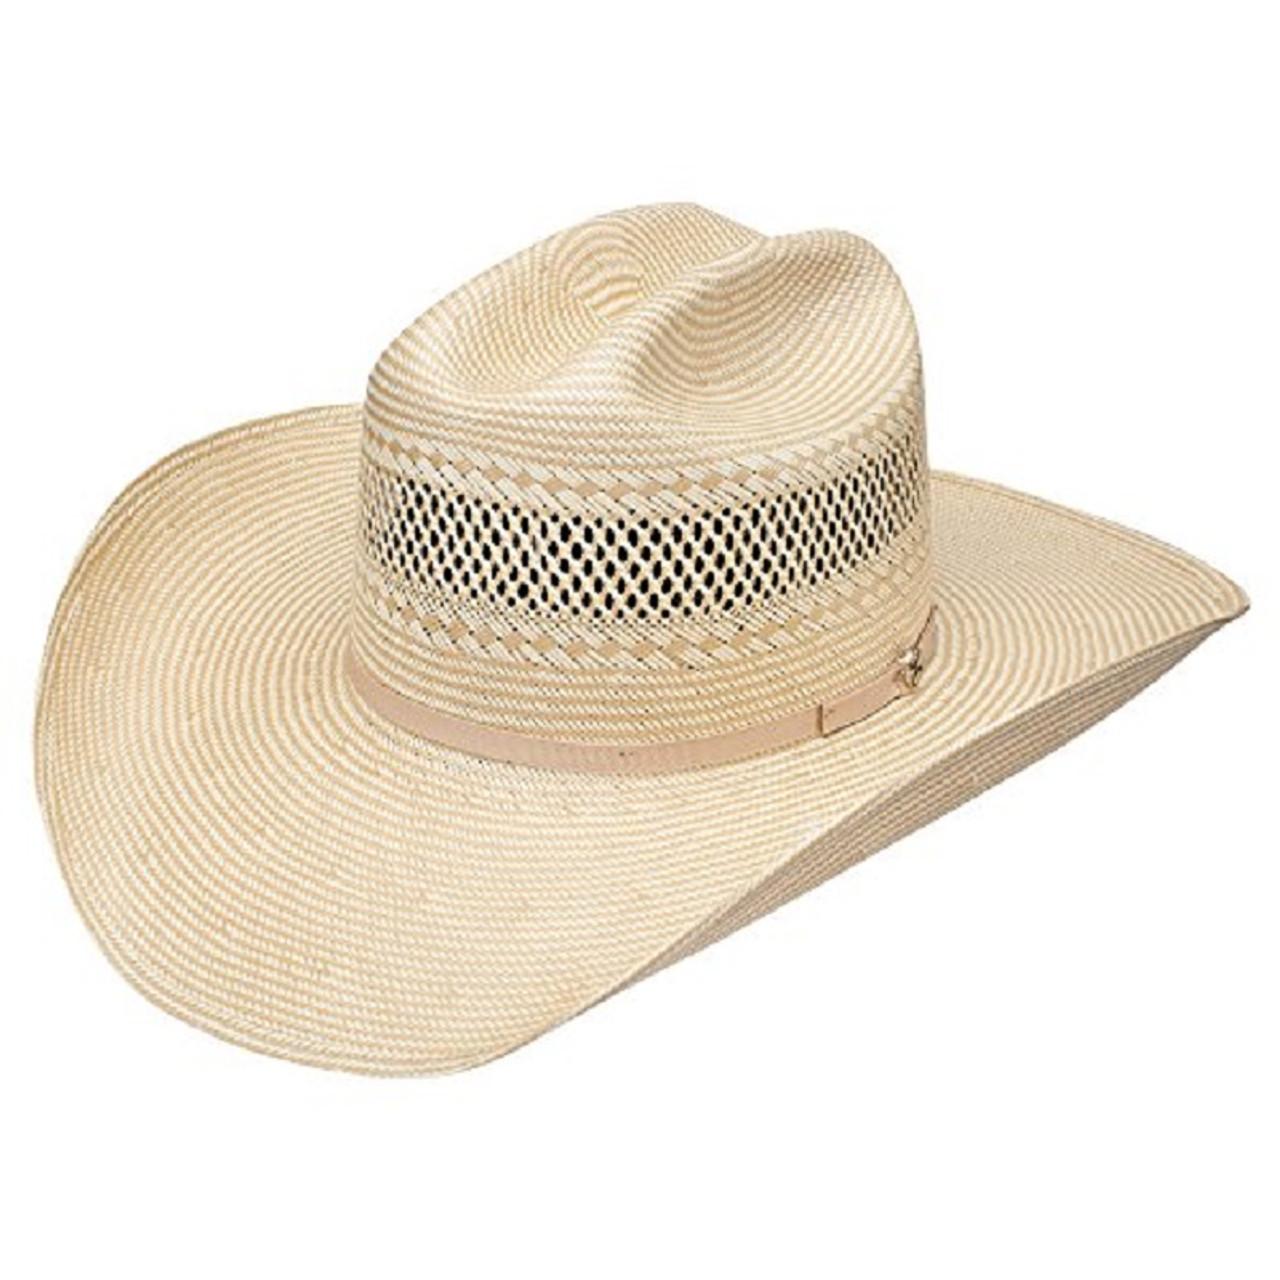 e65311a2cbfad Hooey Ruidoso Two-Tone Straw Cowboy Hat